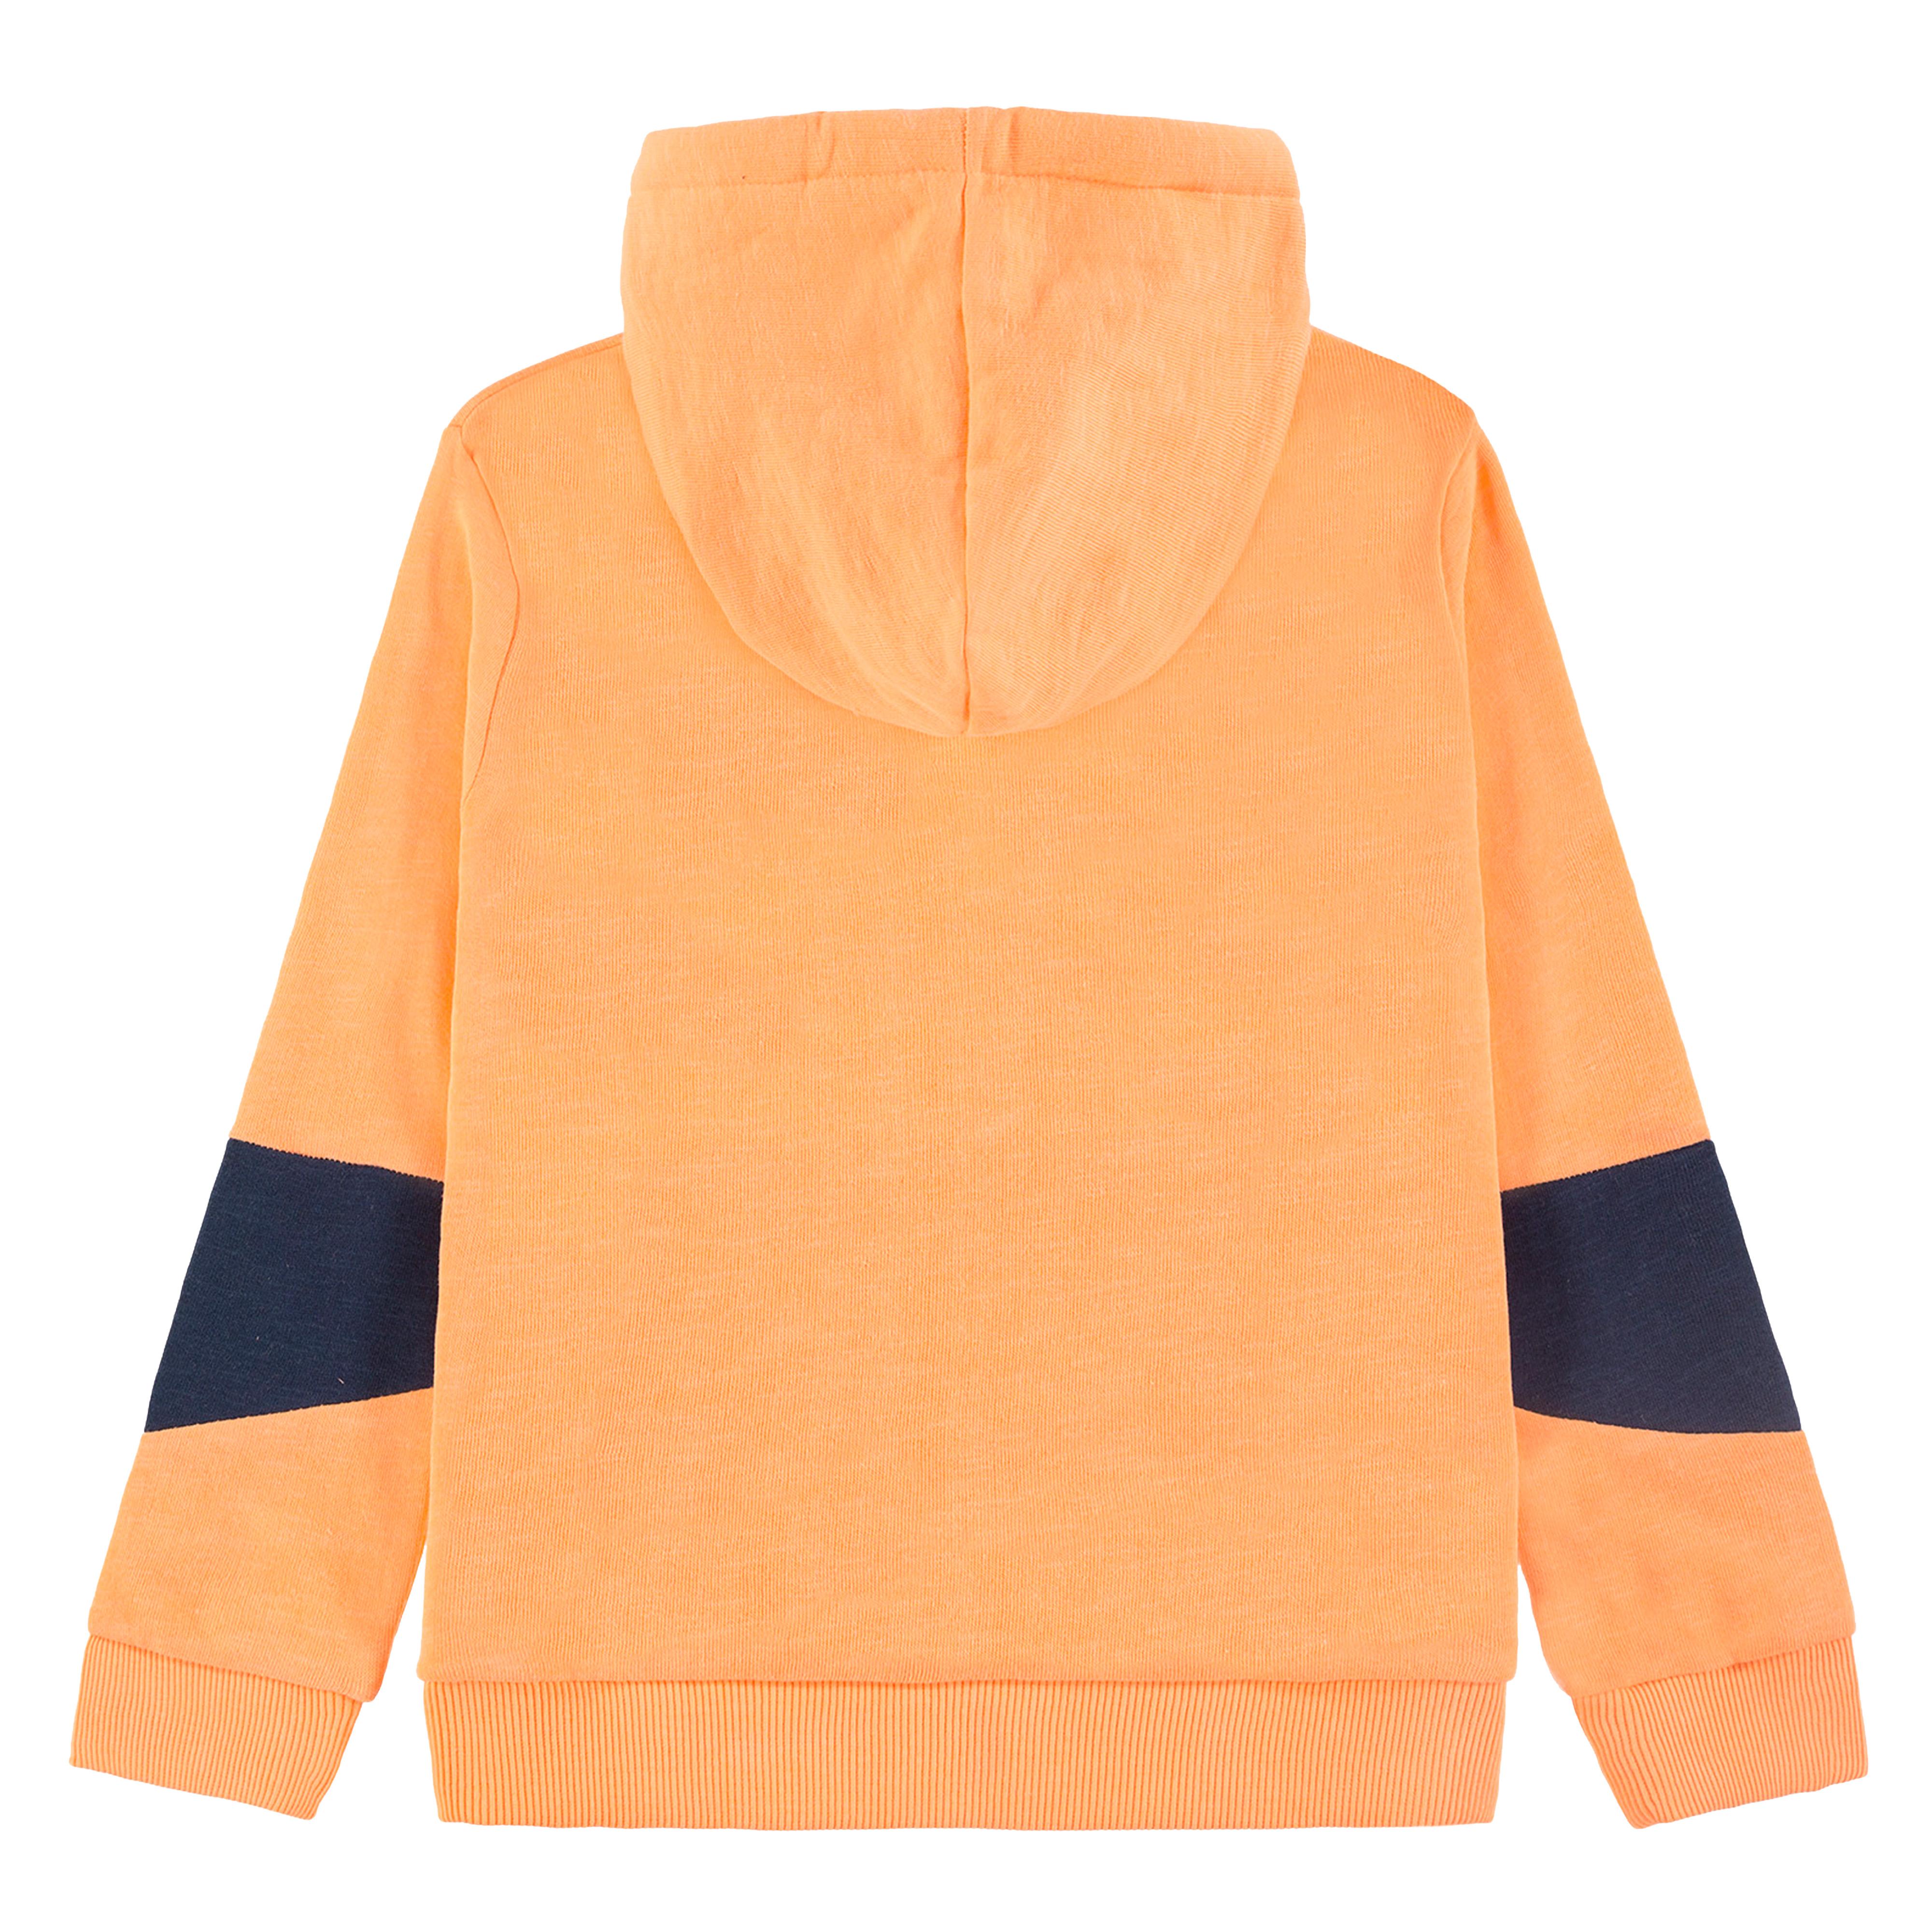 Топла спортна блуза с качулка от Tom Tailor в ярко оранжево